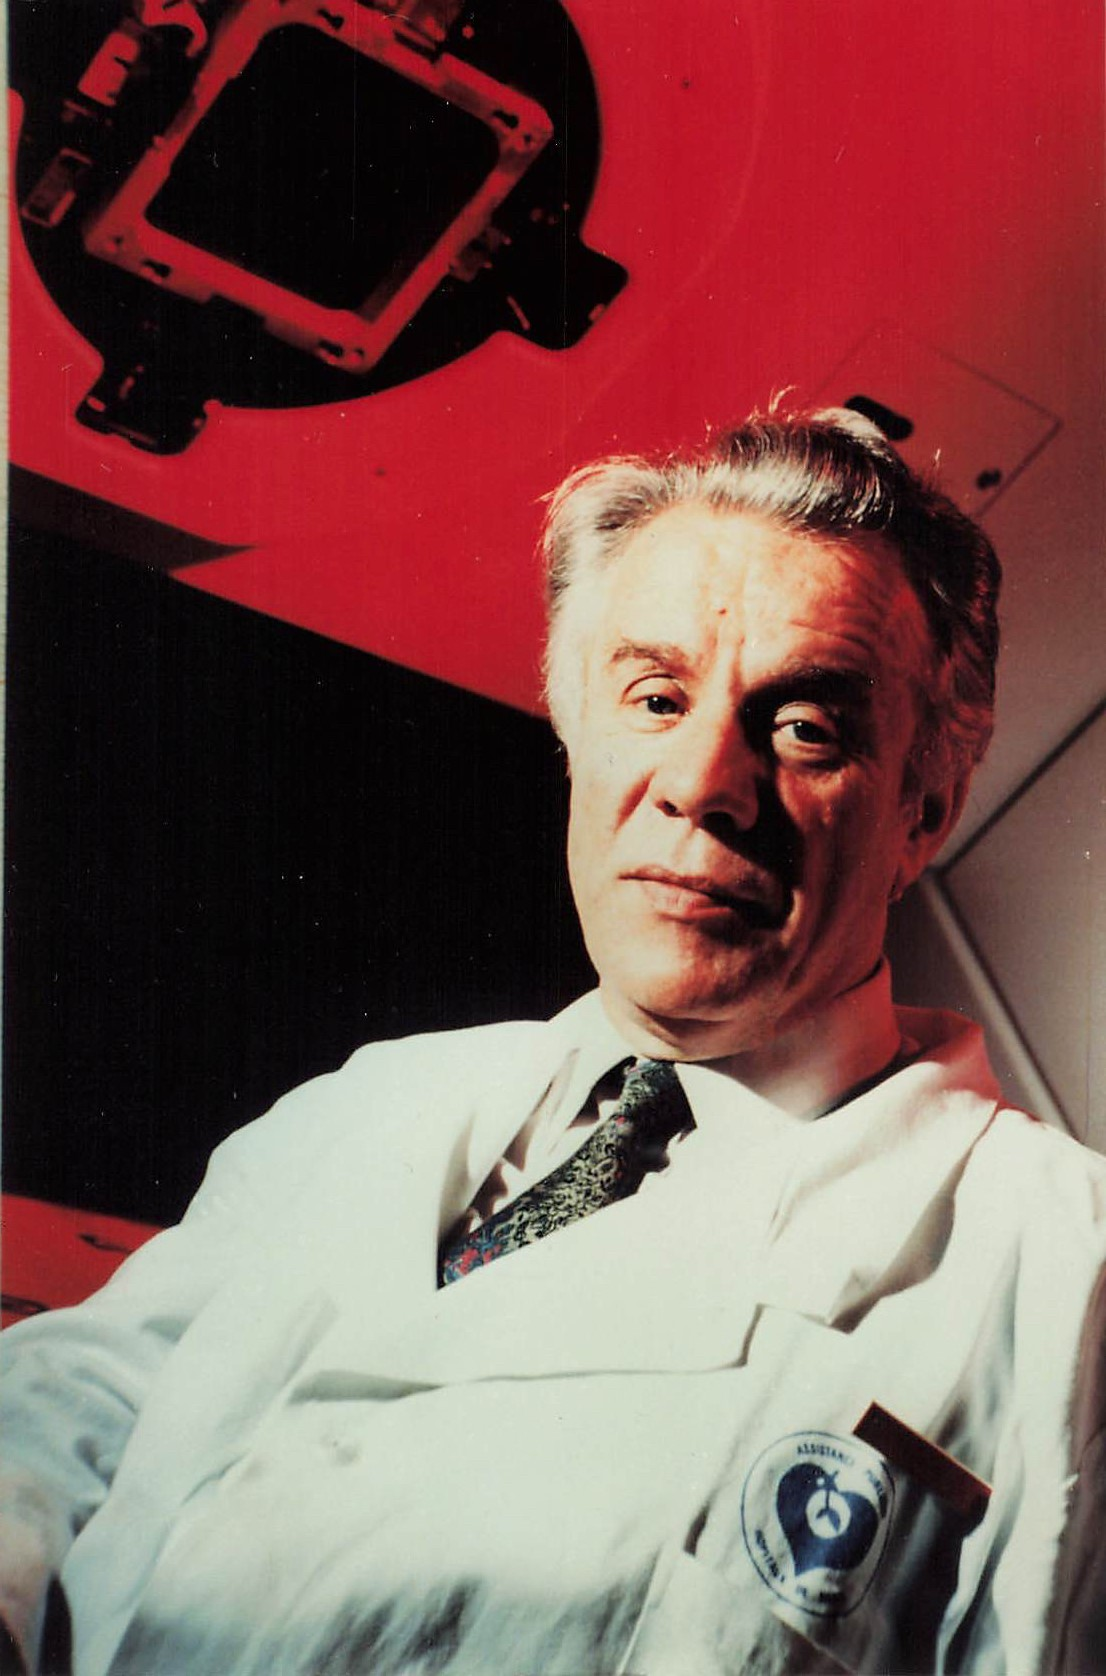 Décès de notre Ami, le Professeur Alain LAUGIER, fondateur de notre association